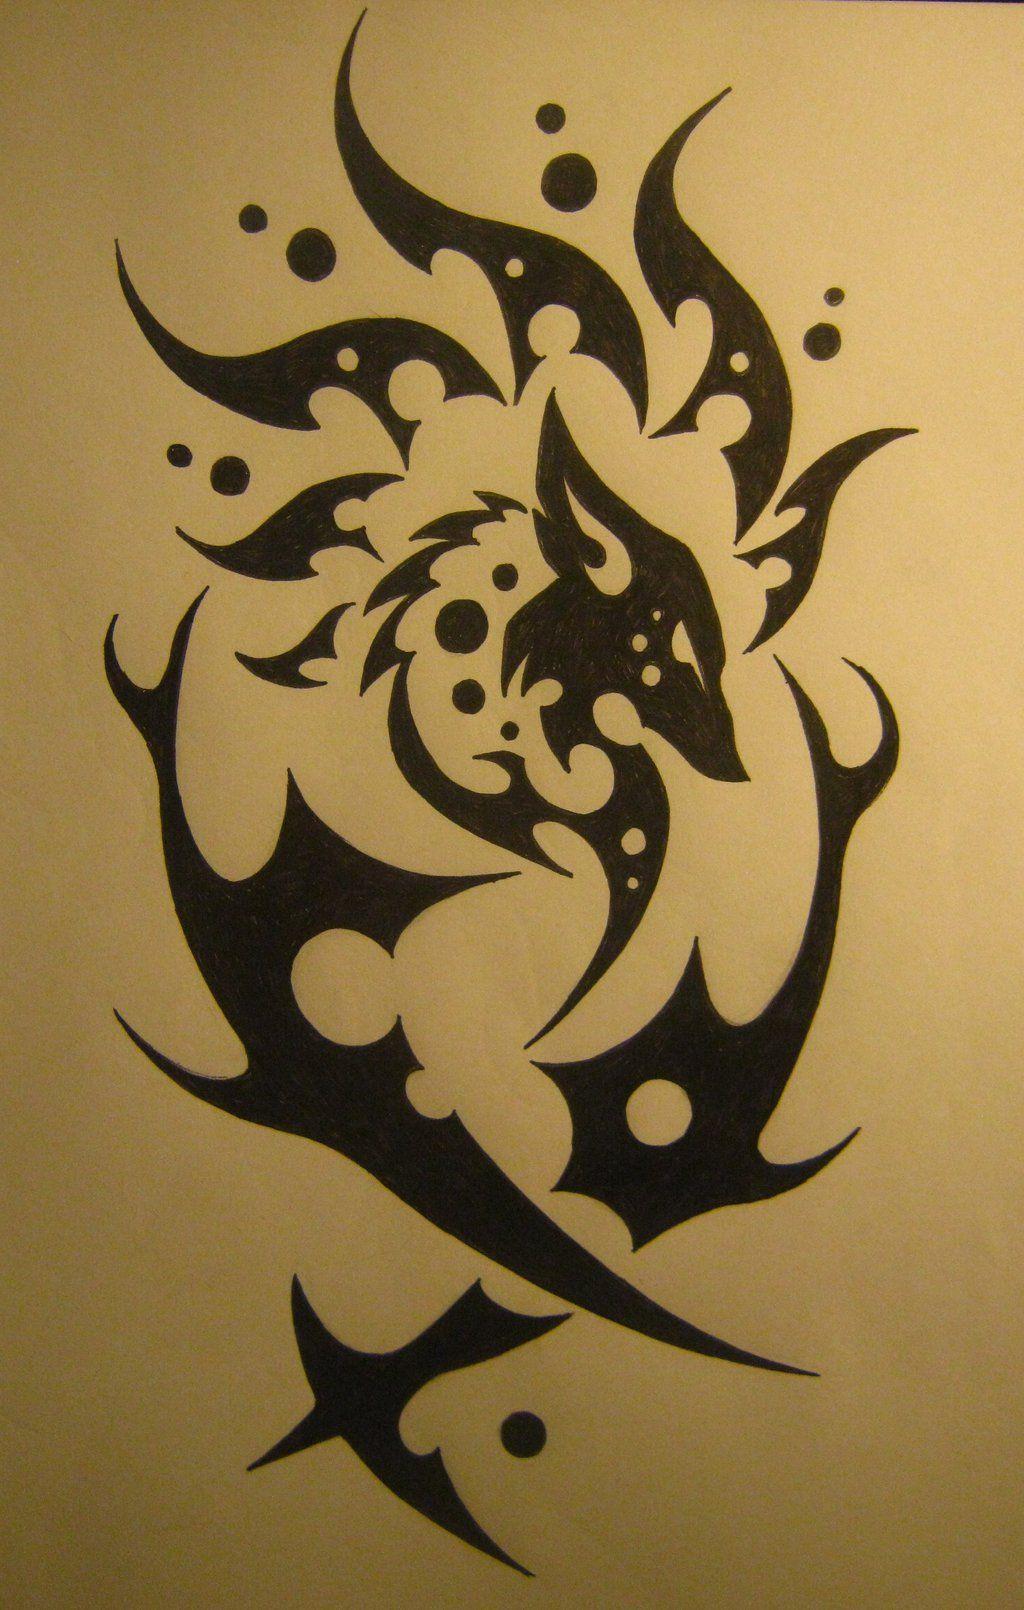 e2fd26e8a fox tribal tattoo - Google Search | Tattoo Ideas | Tribal tattoos ...